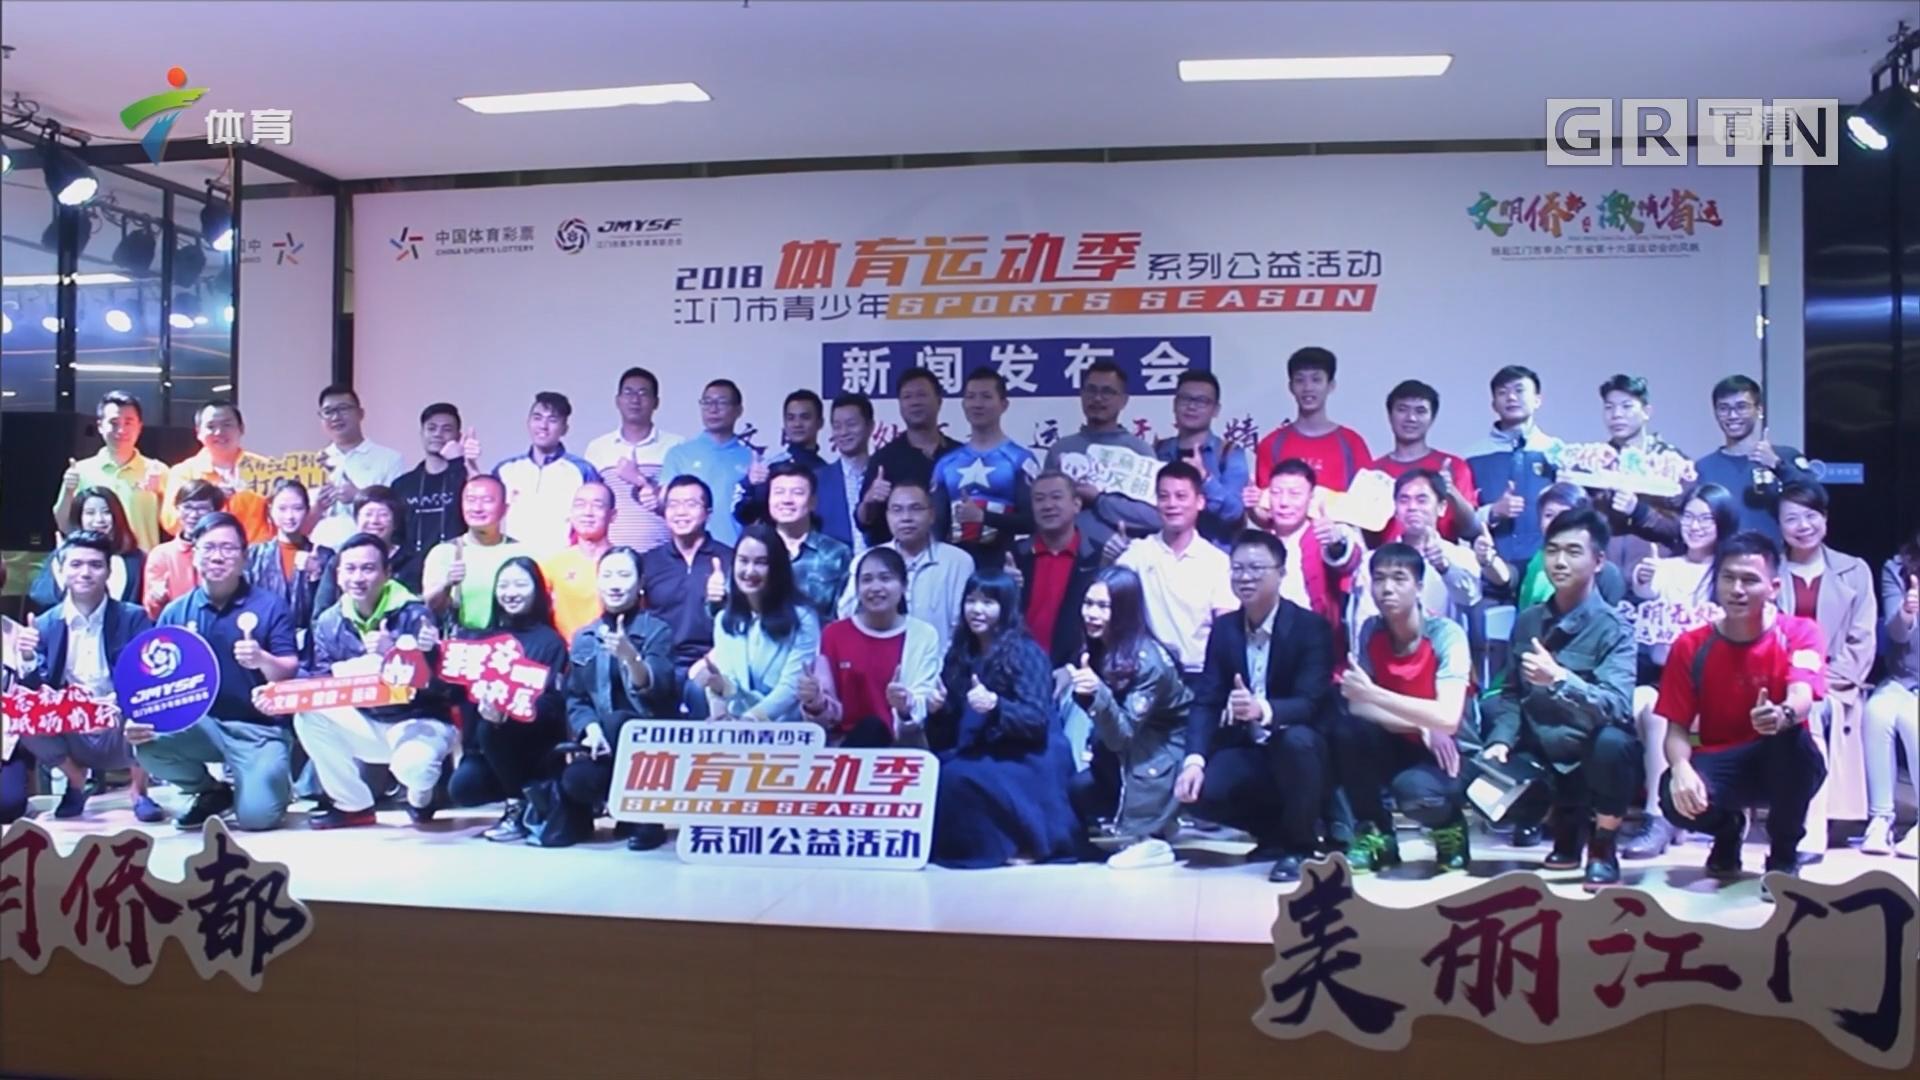 2018江门市青少年体育运动季系列公益活动全面启动